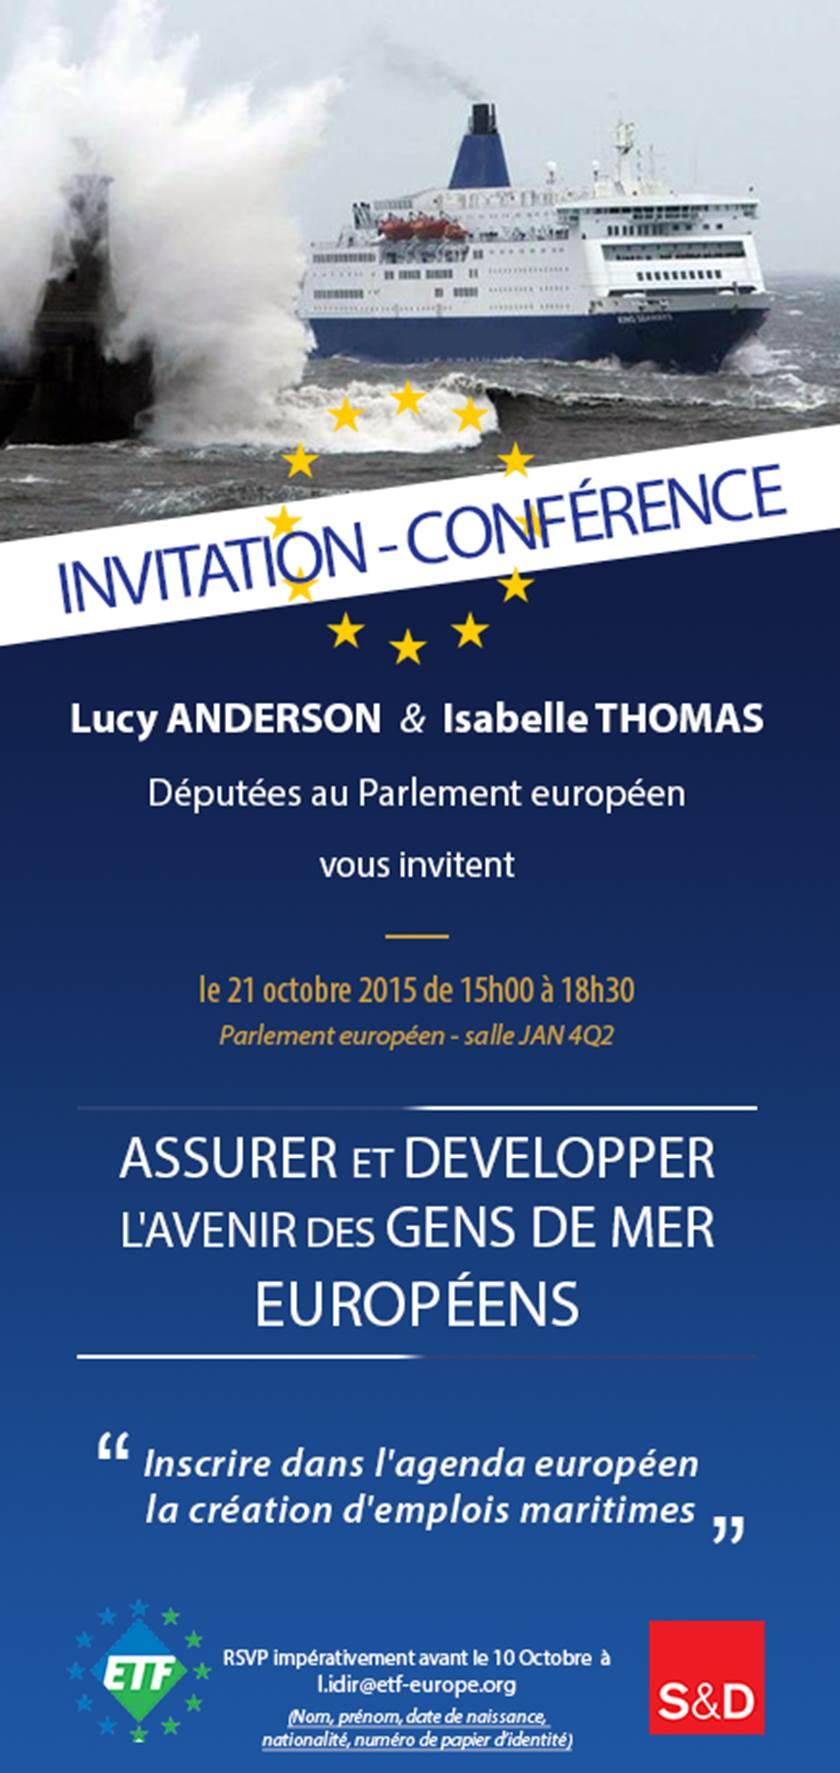 S&D Conférence: Assurer et développer l'avenir des gens de mer européens.